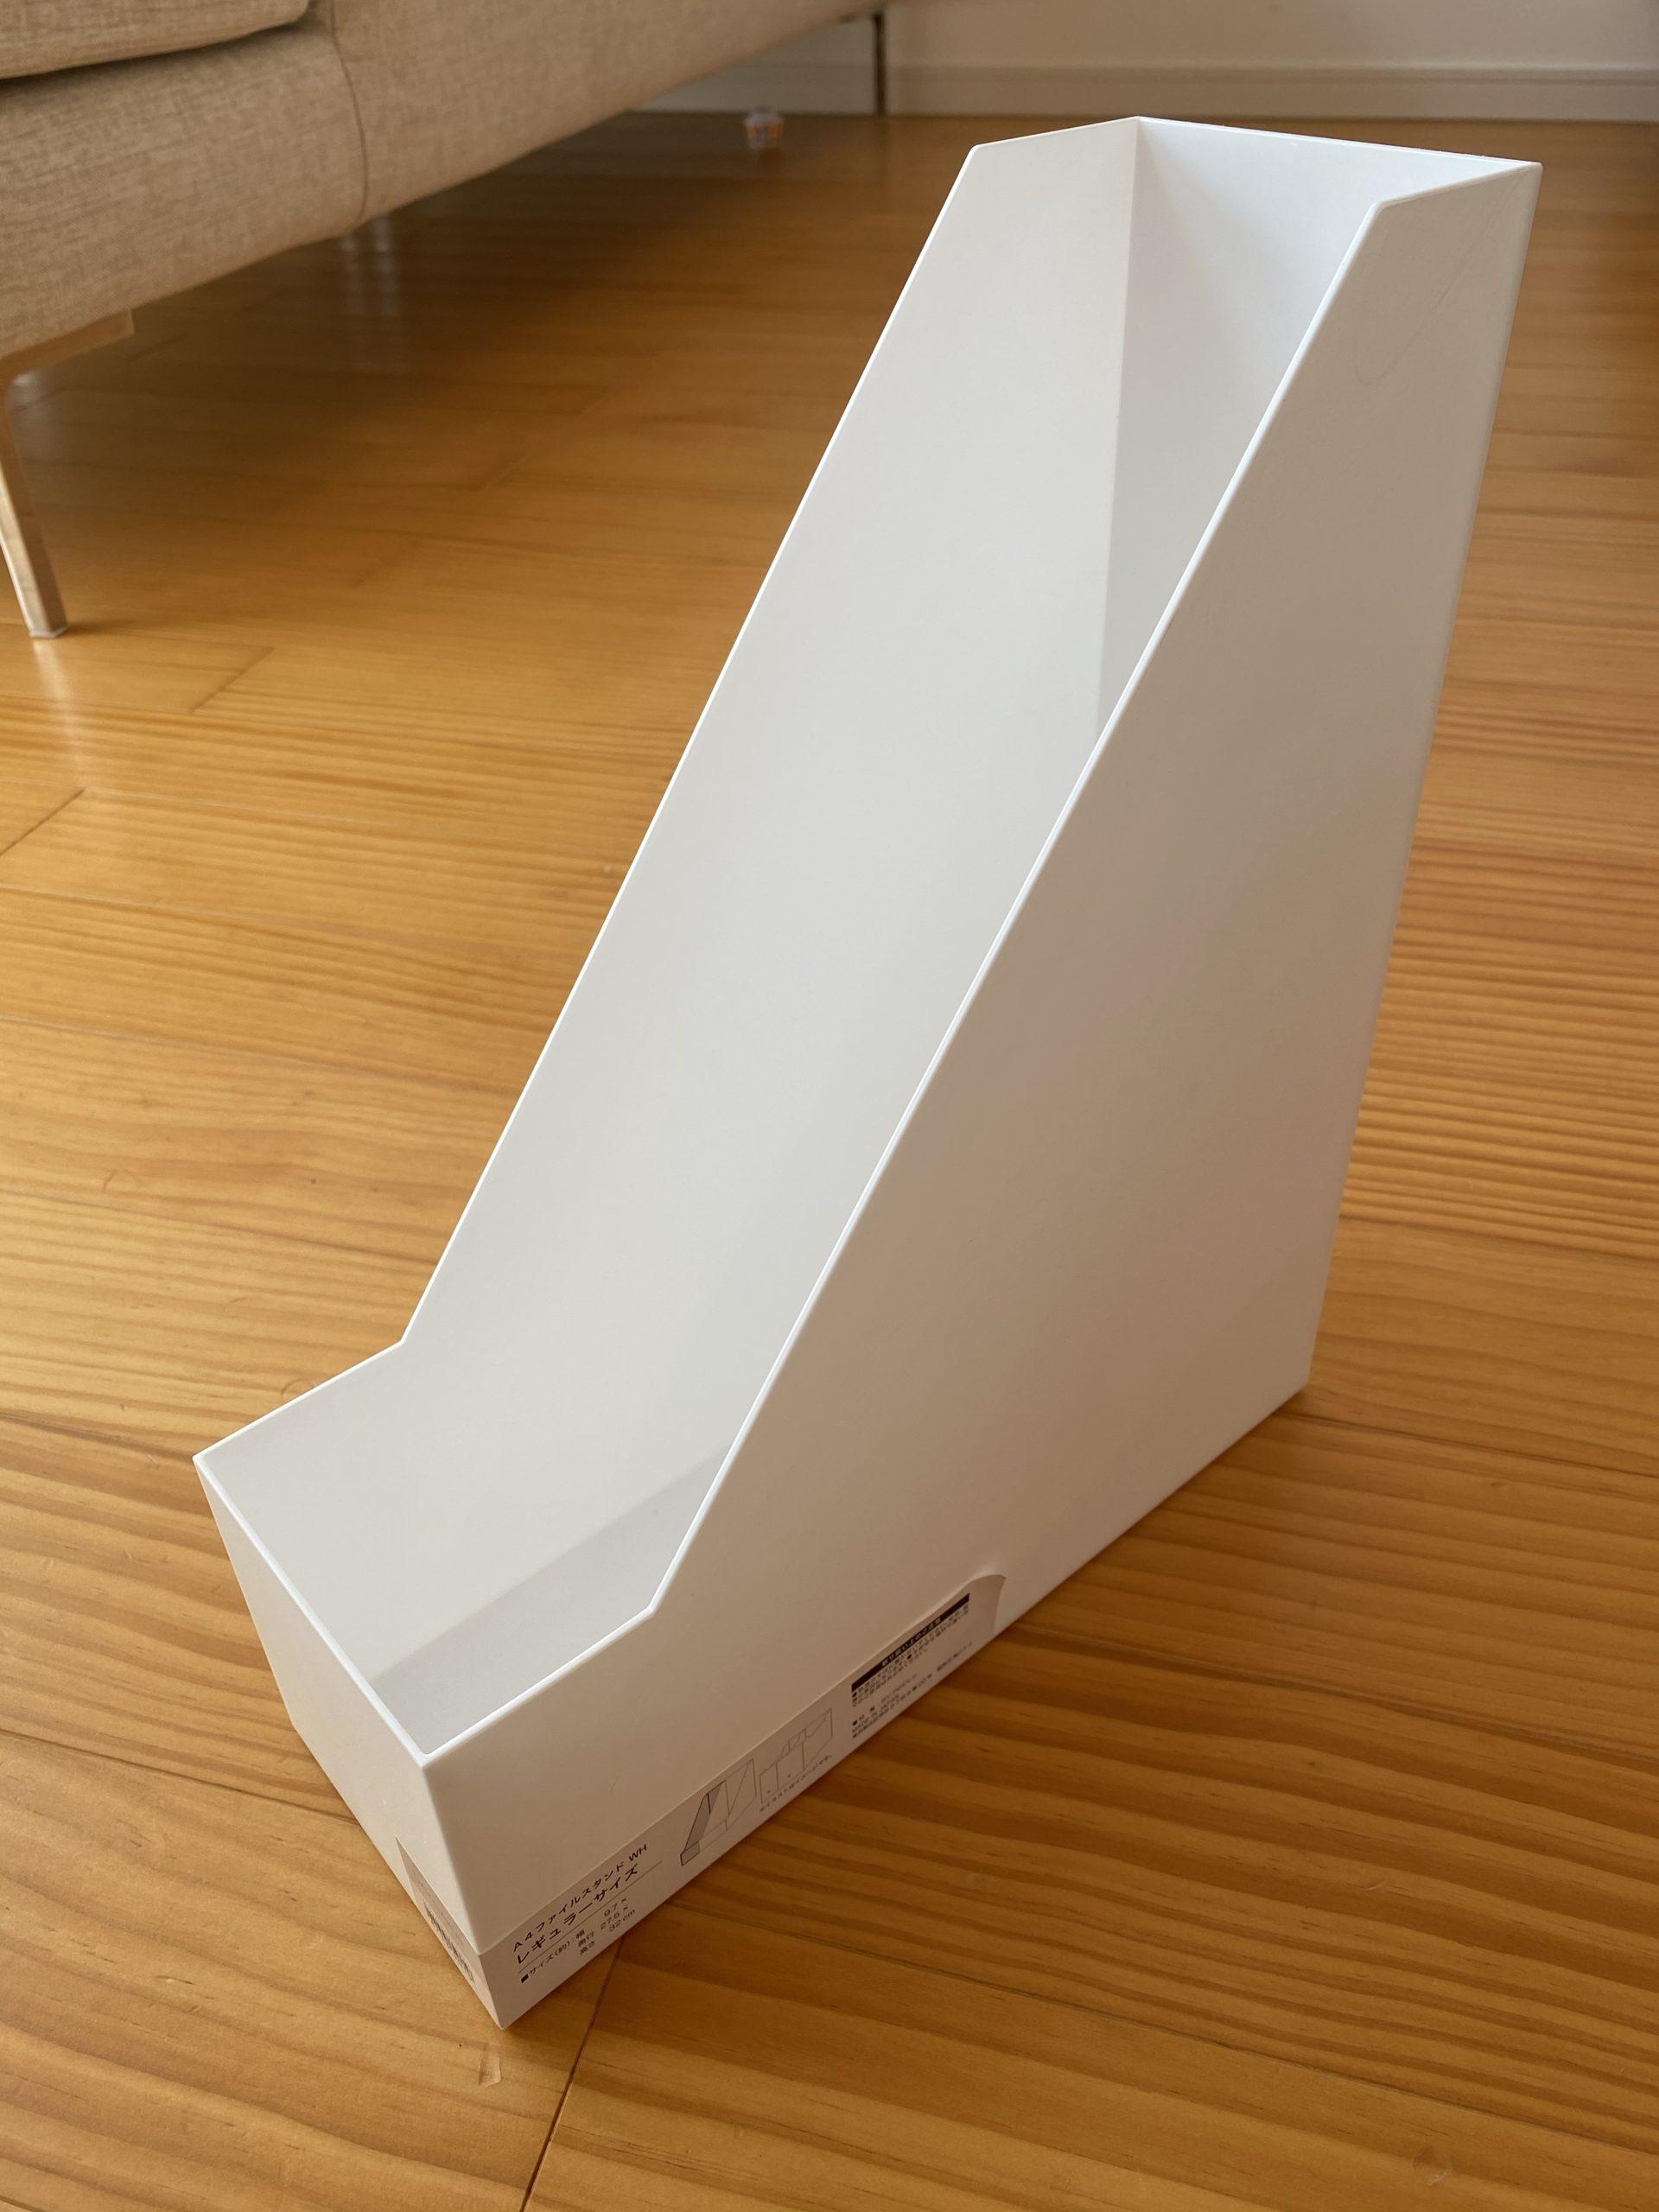 ニトリの購入品 A4ファイルスタンド レギュラーサイズ